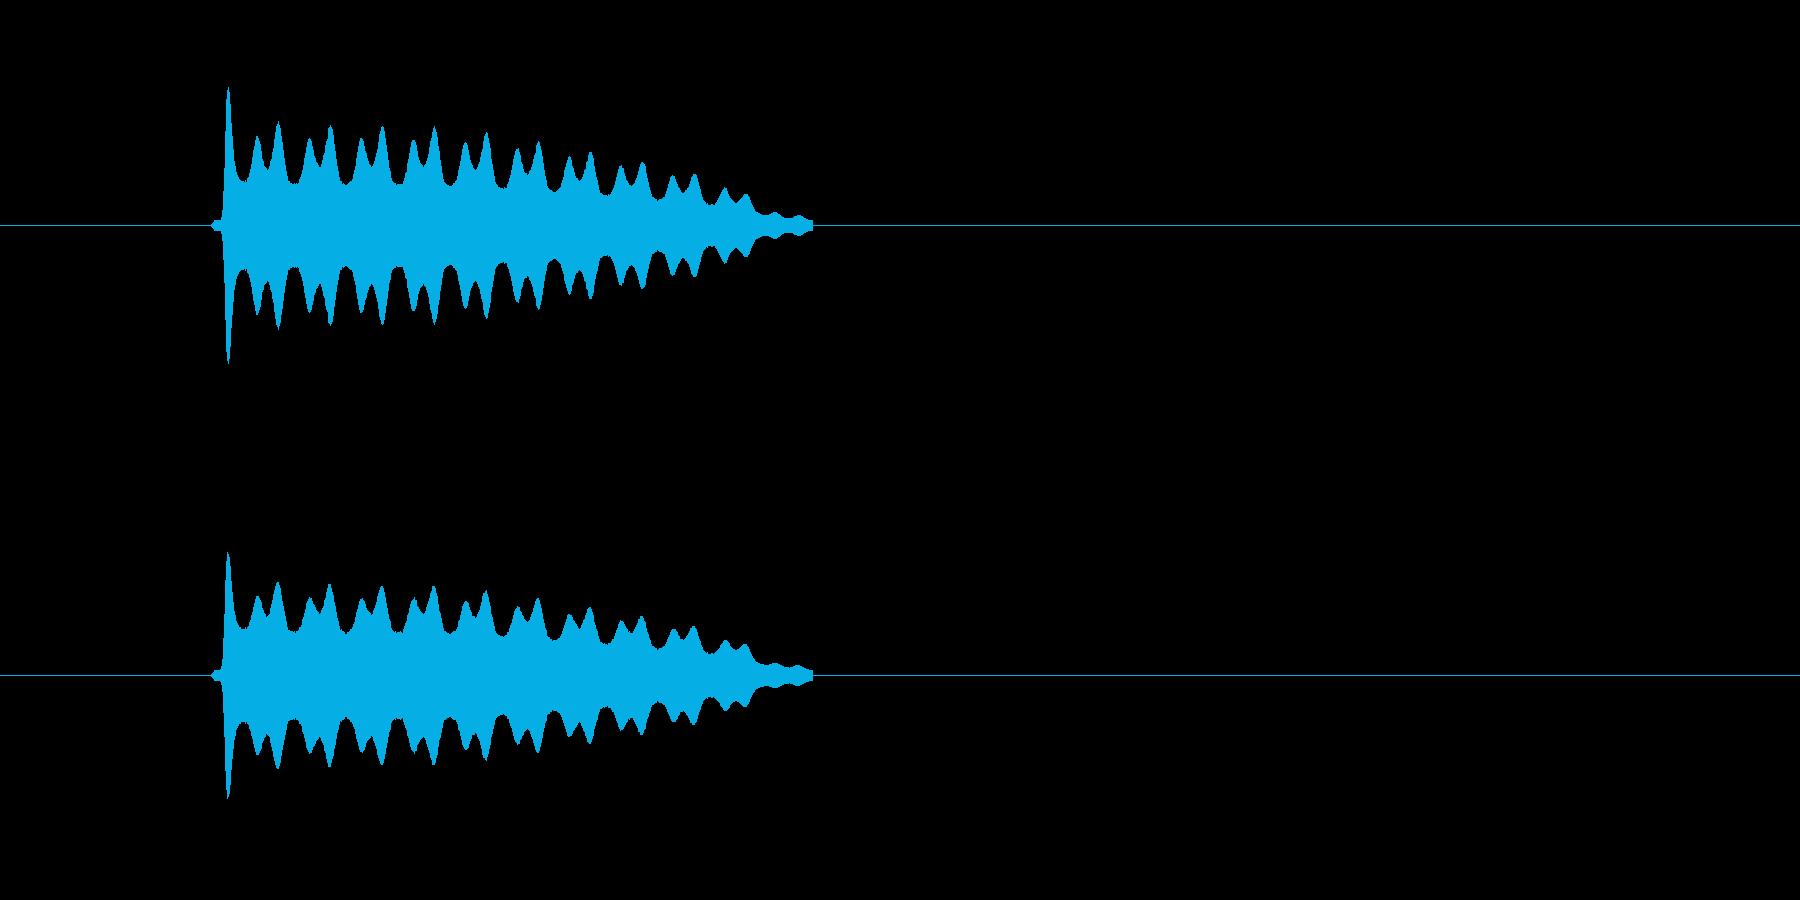 ピピピピピ!高音で響く電子音の再生済みの波形